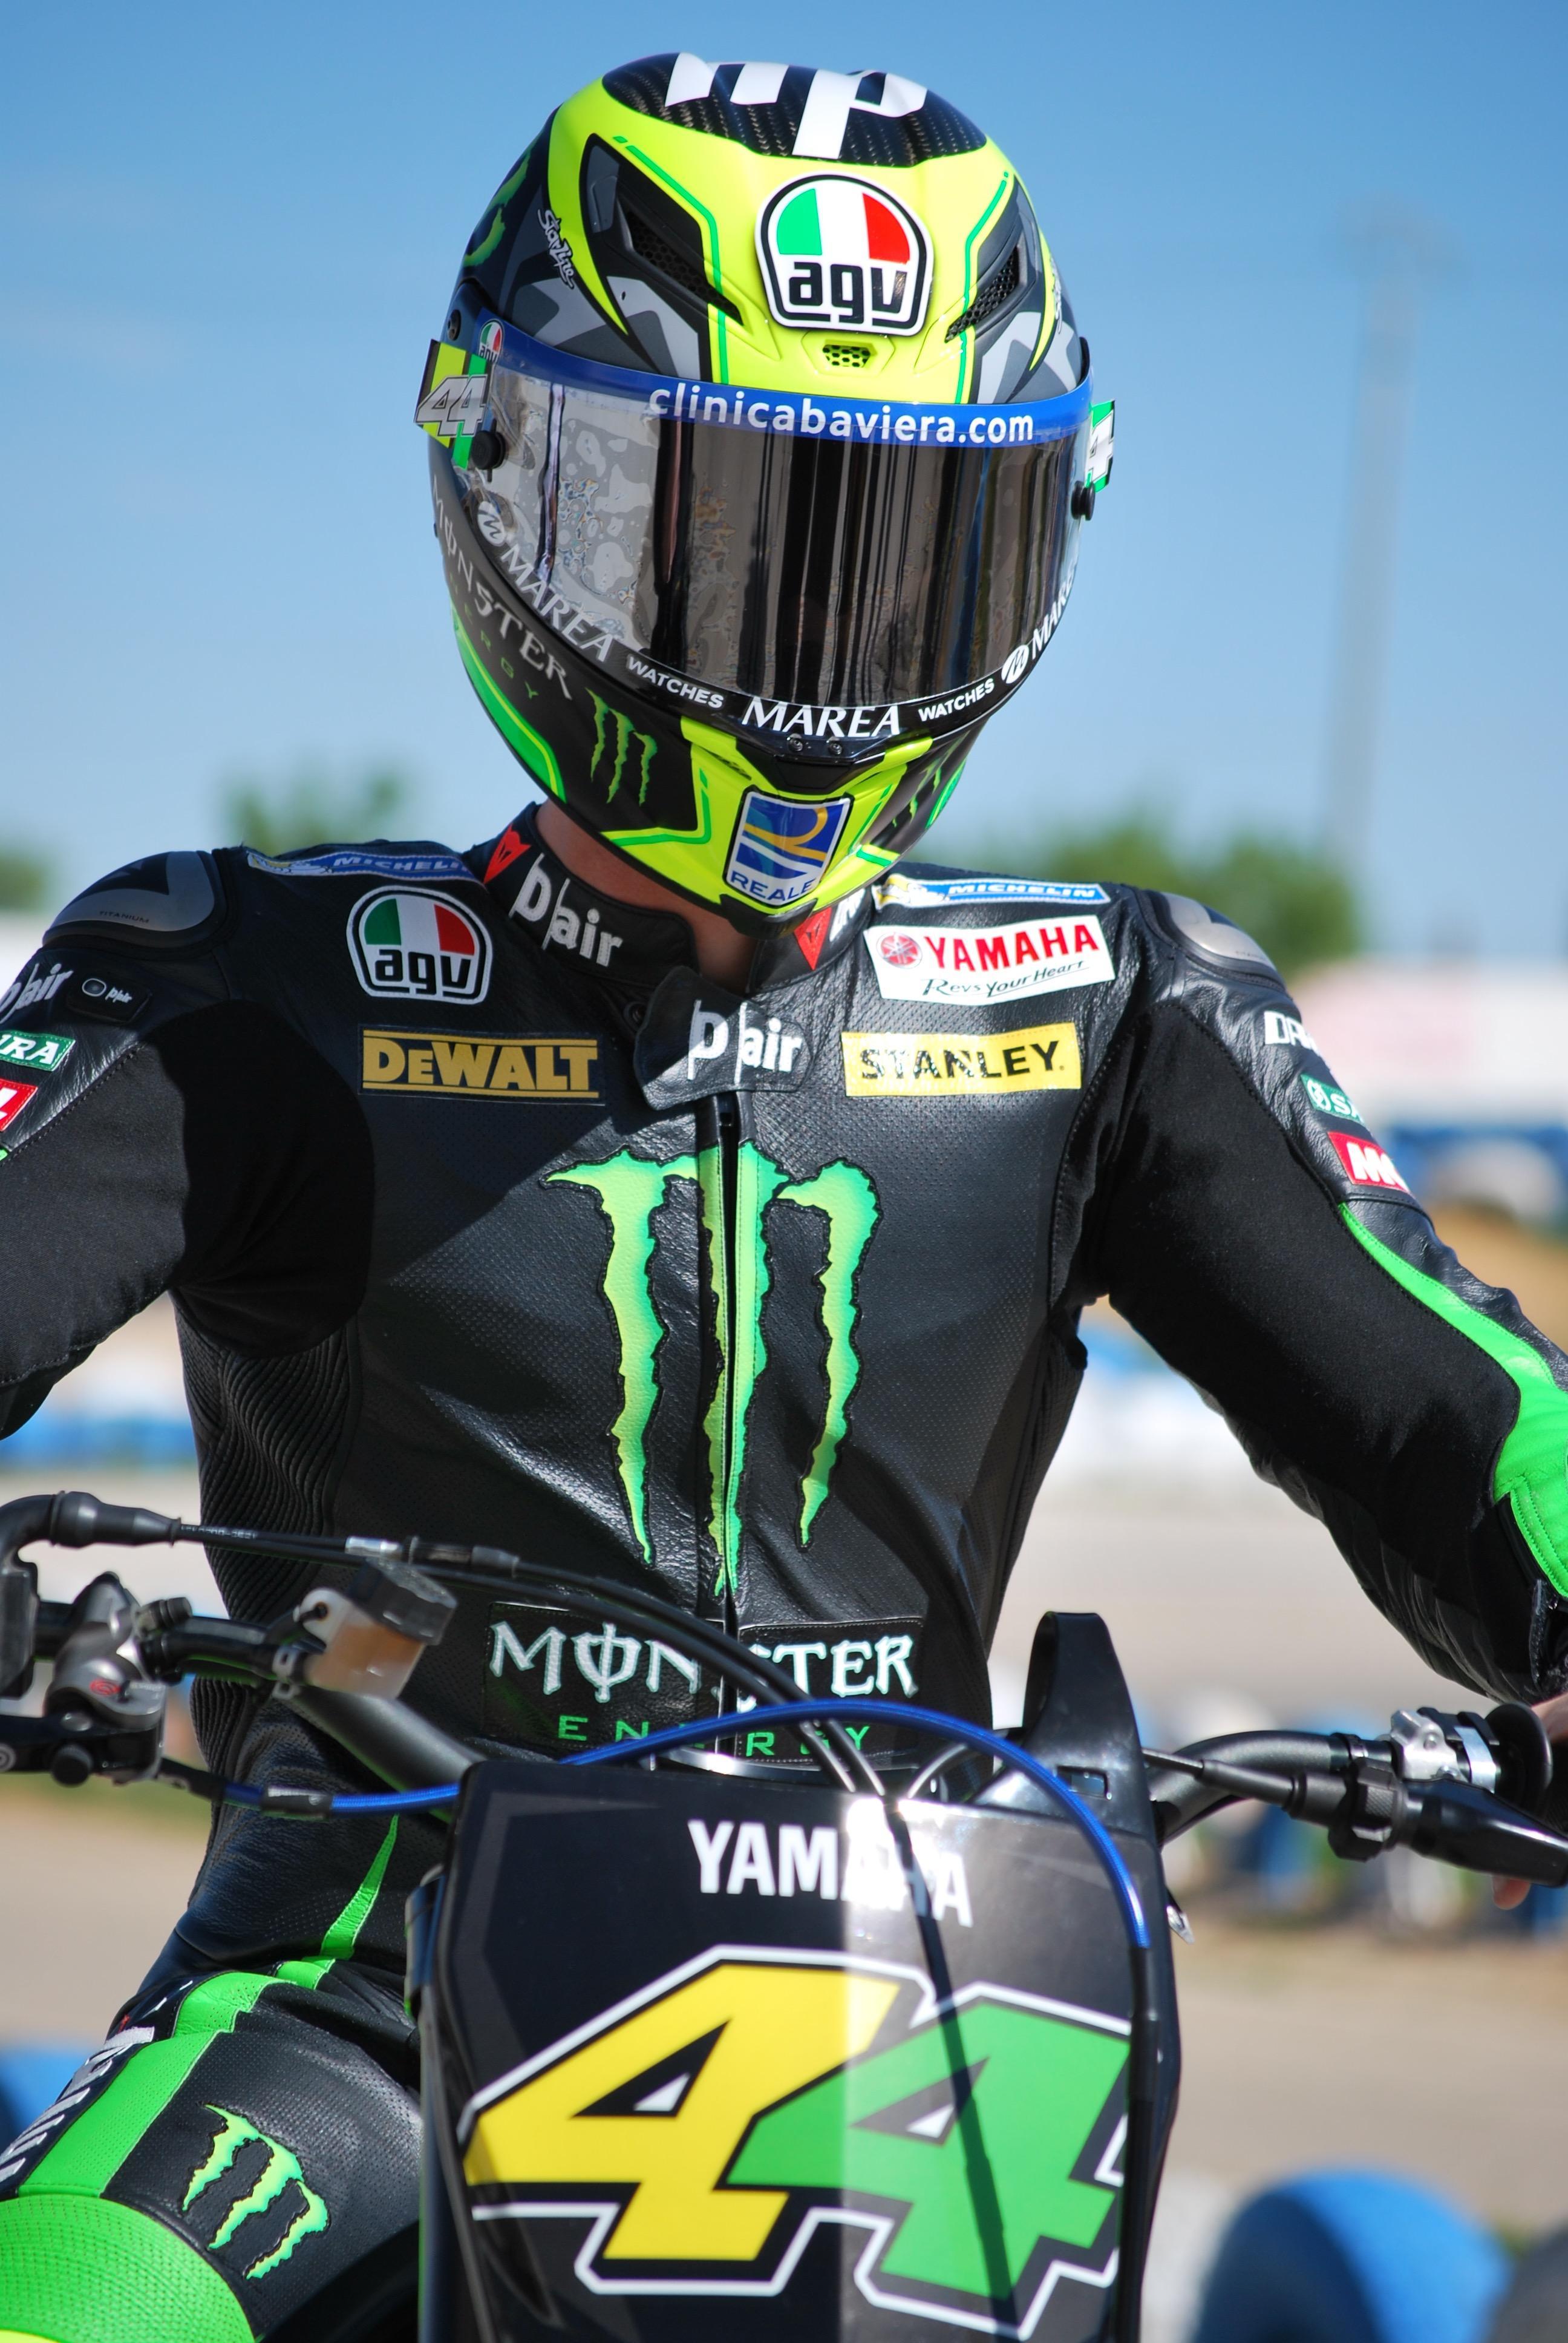 Pol Espargaró sobre moto decorada en verde